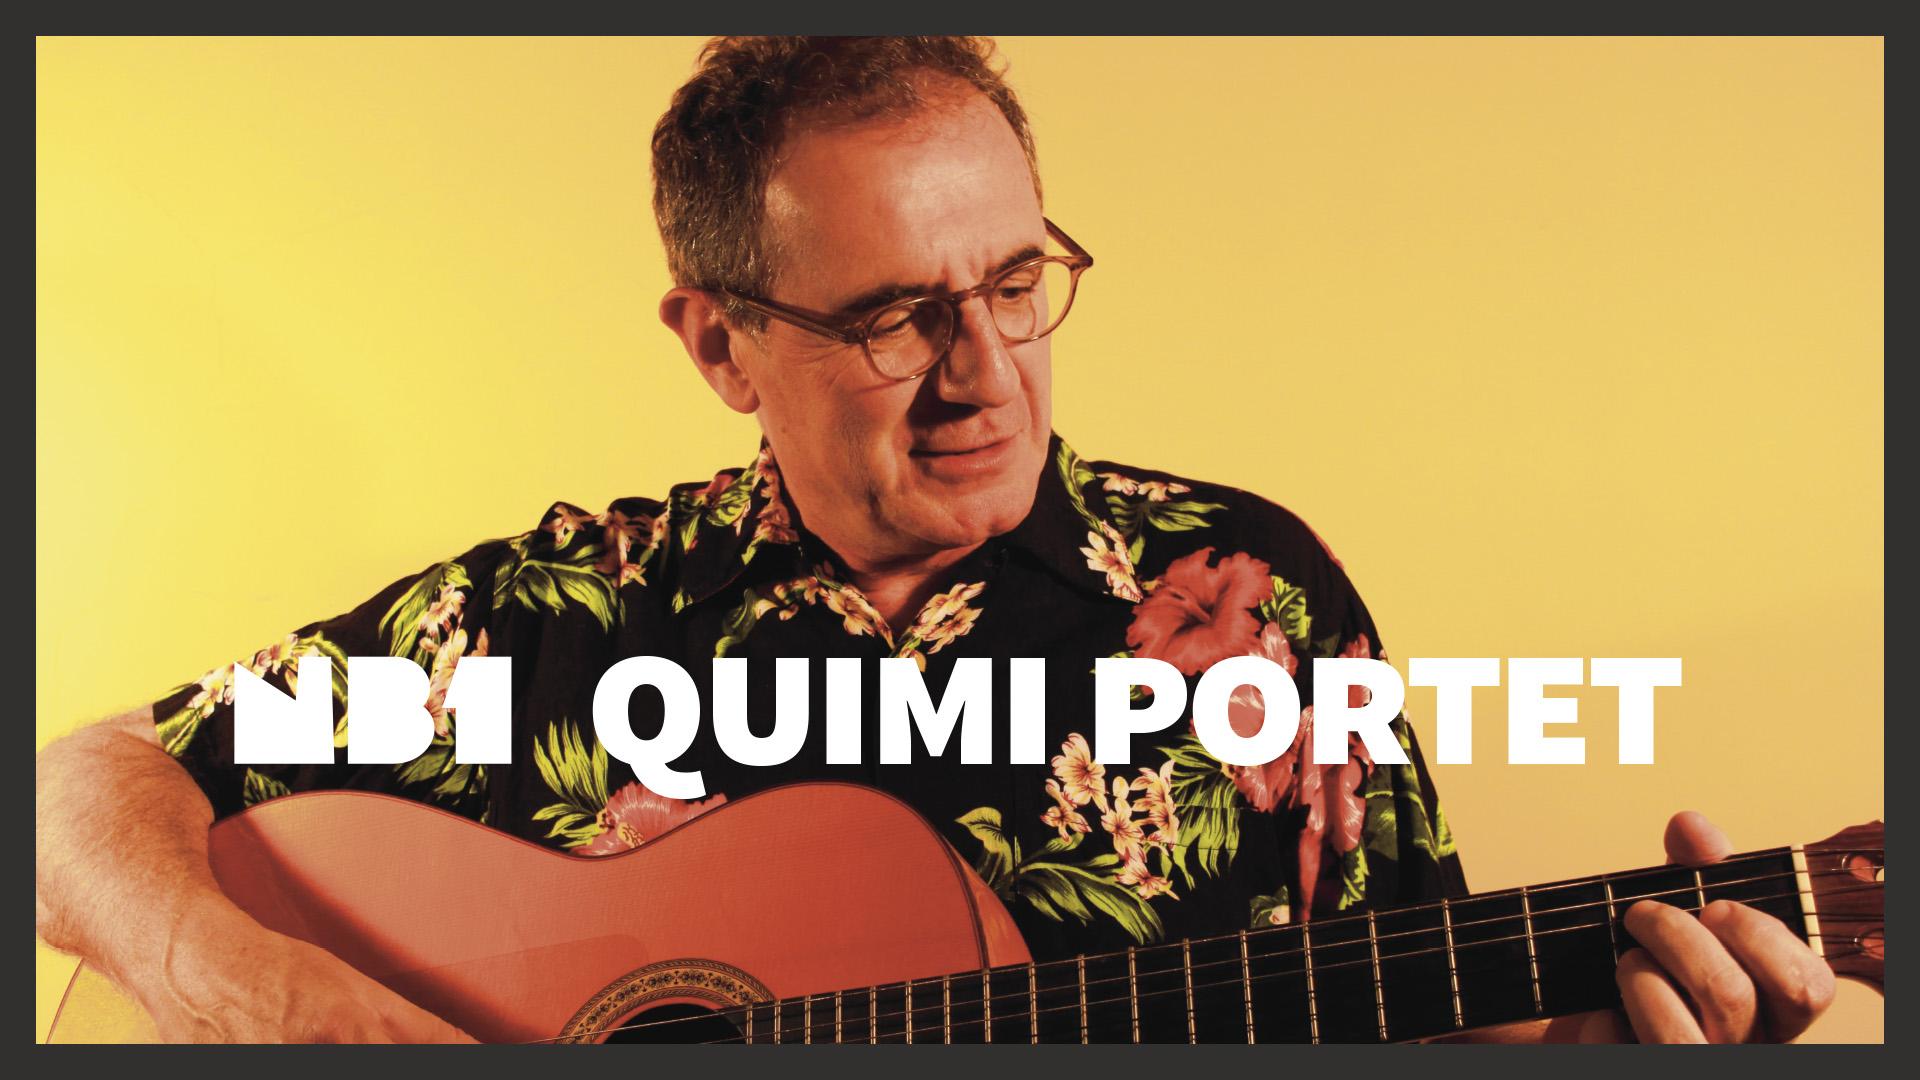 NauB1-Diapos-QuimiPortet